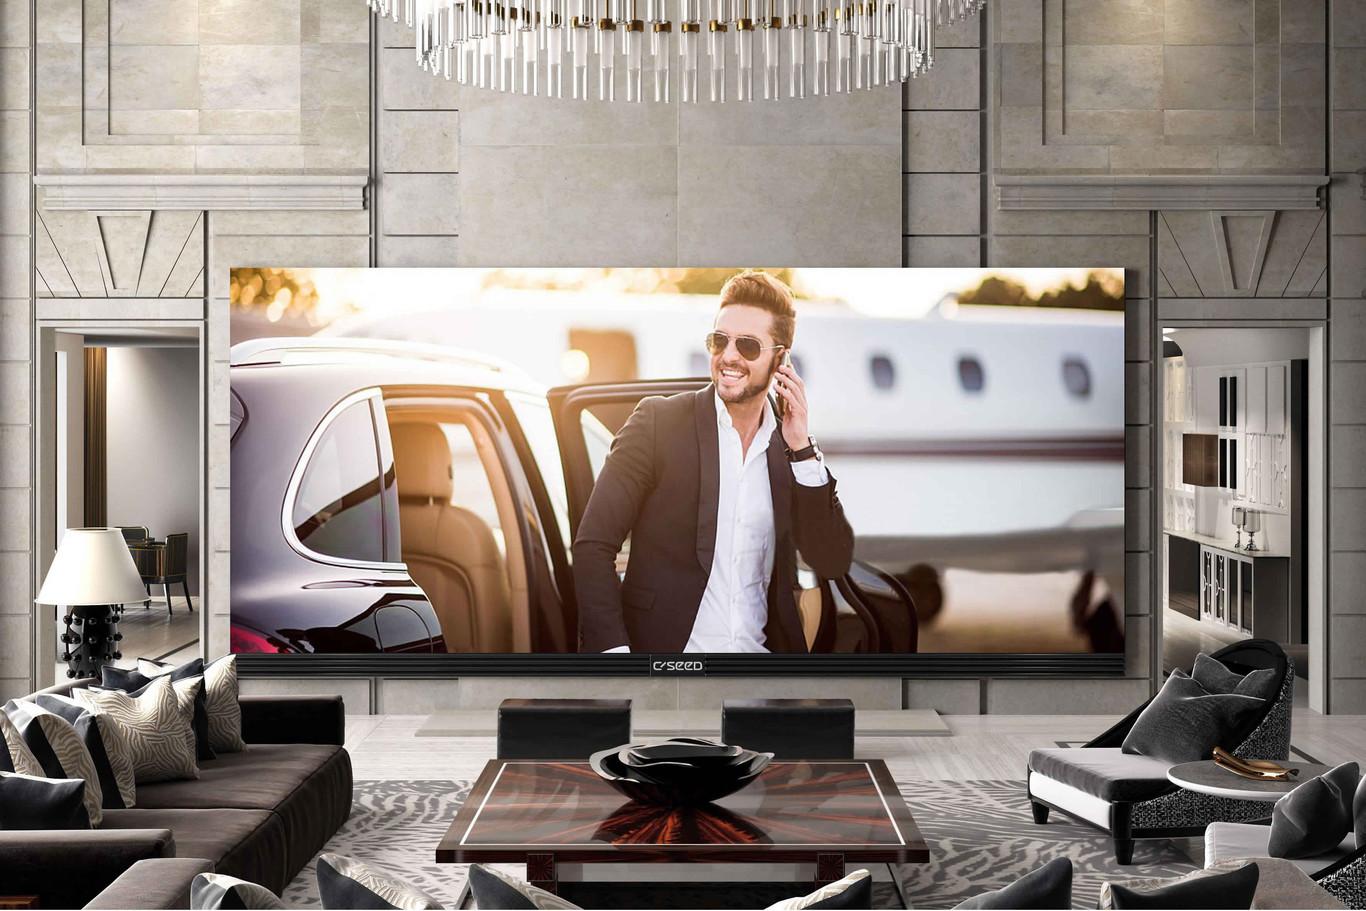 El televisor más grande tiene 262 pulgadas